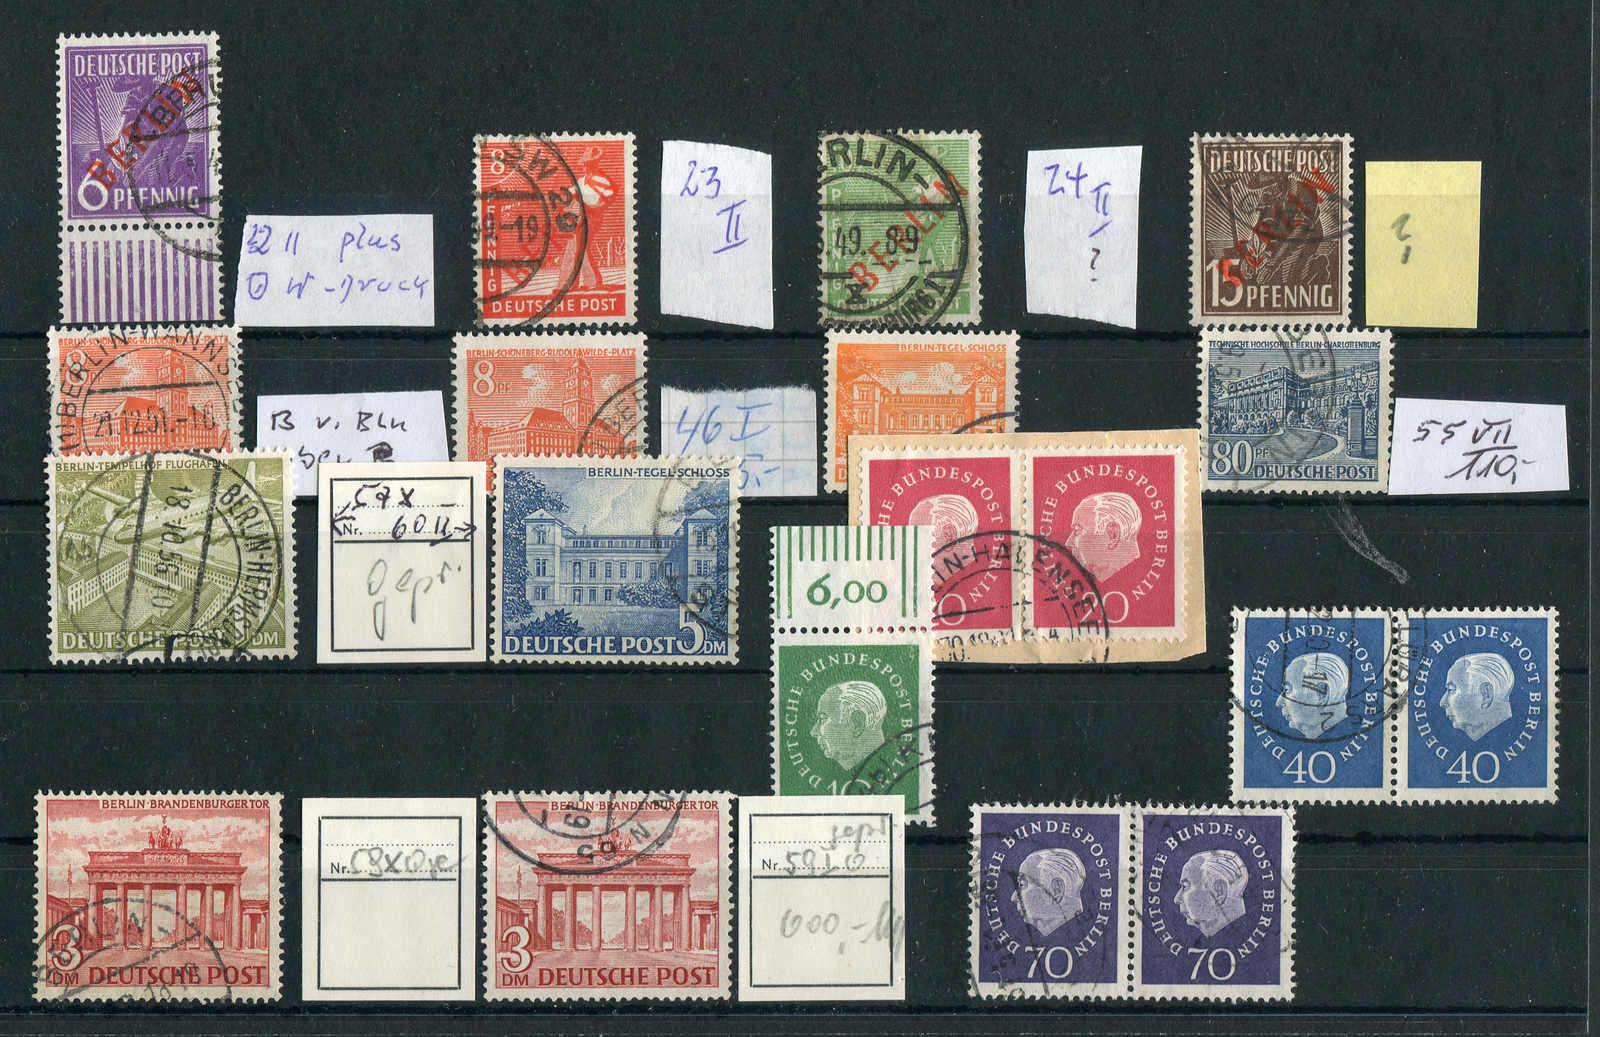 Briefmarken Nett Berlin 1949 Postfrisch Minr 60 Geprüft Schlegel Freimarken Tegeler Schloss